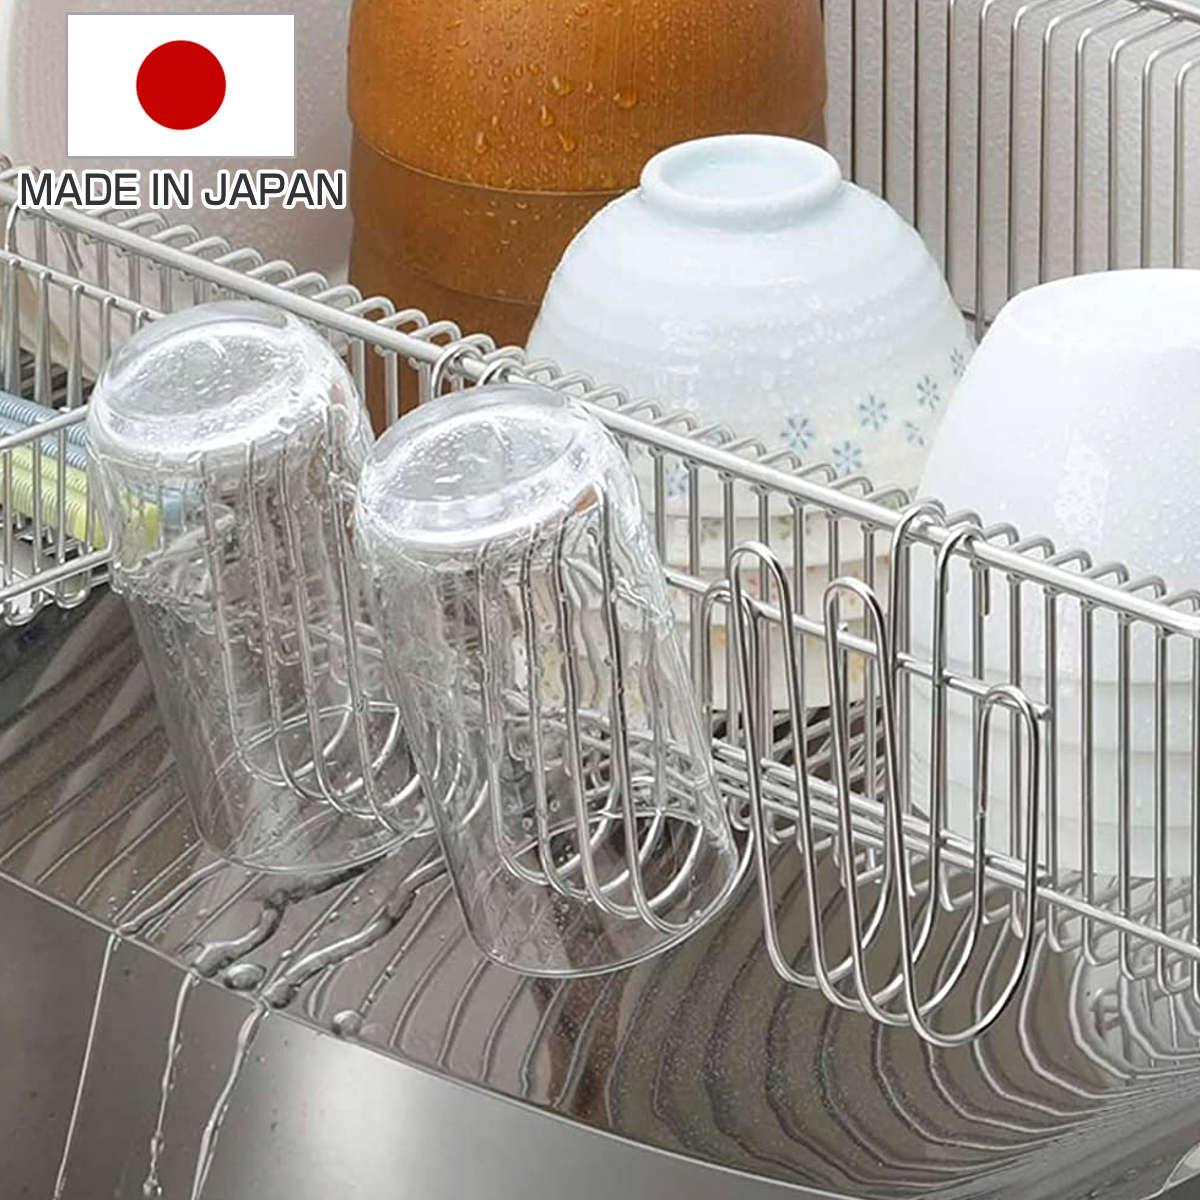 水切りラックに掛けてグラスやまな板の水切りに使える グラススタンド 水切りラック用 グラスフック ステンレス製 グラス用フック コップ用フック グラスホルダー 限定価格セール グラスハンガー コップスタンド グラス掛け まな板スタンド コップ掛け 水切りカゴ用 グラス 激安セール 水切りかご用 コップ